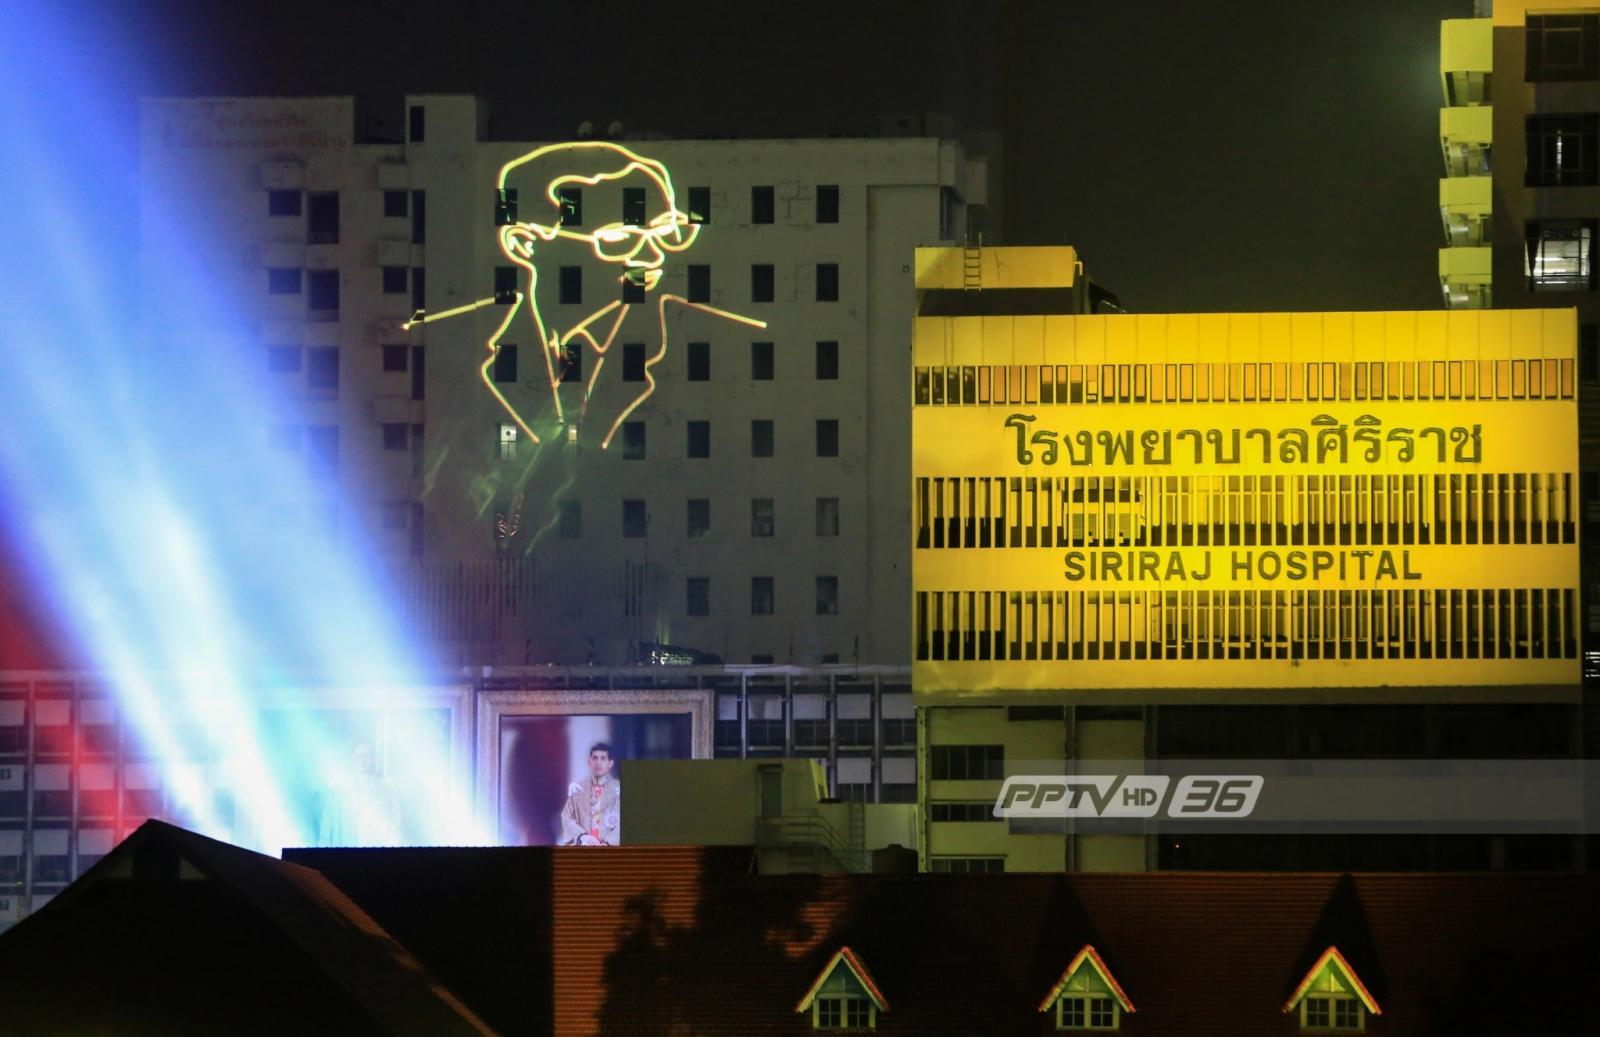 """""""ศิริราช"""" จัดแสดงแสงสีสื่อผสมยิงเลเซอร์พระบรมฉายาลักษณ์"""